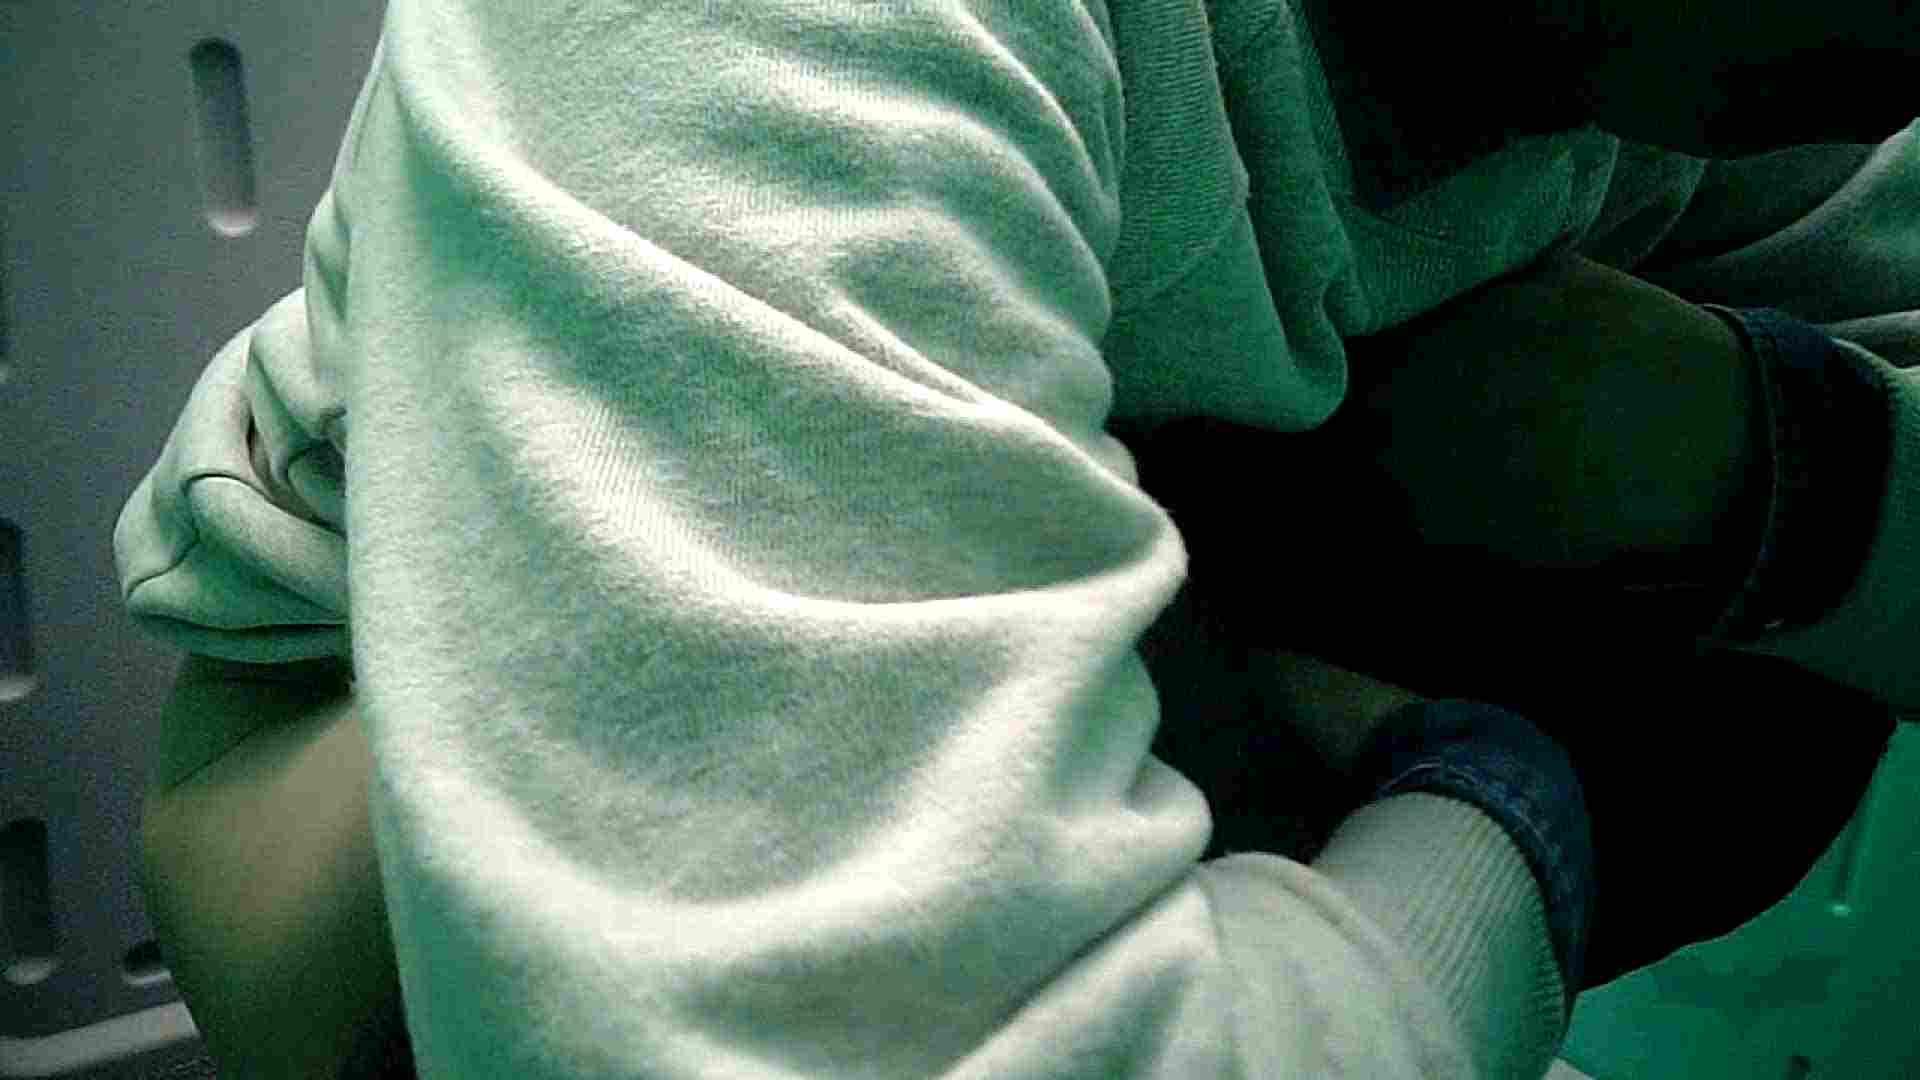 痴態洗面所 Vol.08 たっぷり汚トイレ 洗面所 ワレメ動画紹介 96画像 69